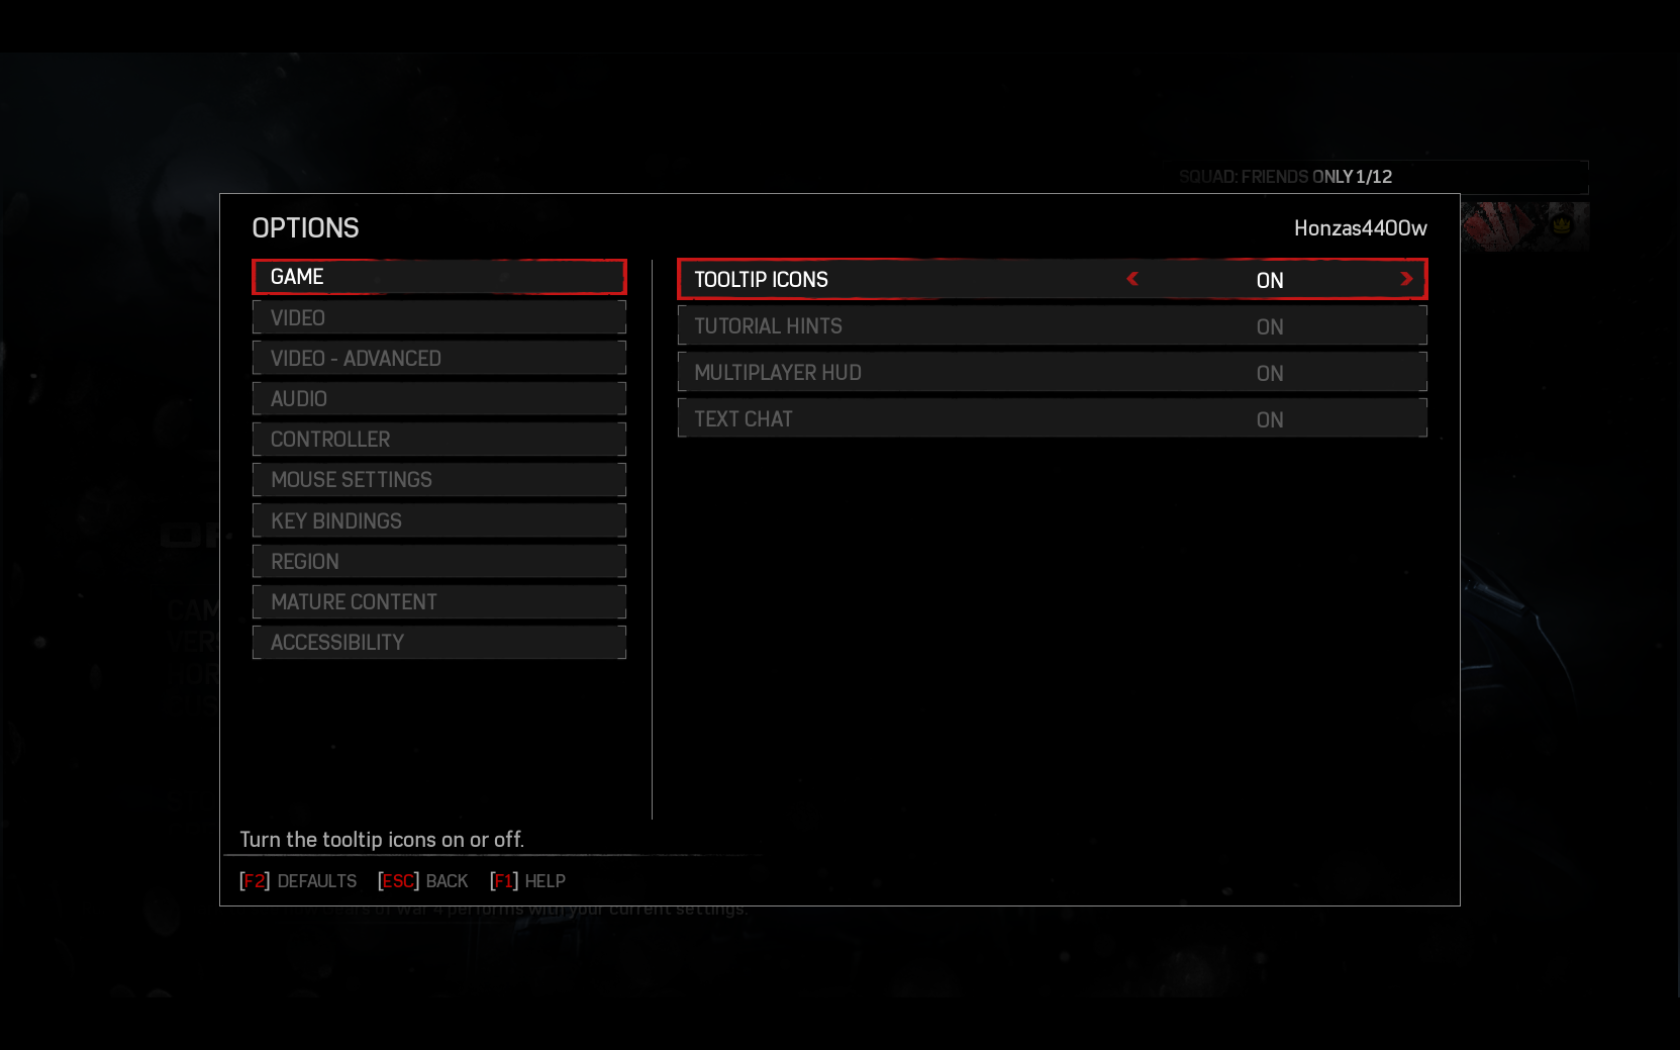 PC verze Gears of War 4 si zaslouží velkou pochvalu 131657